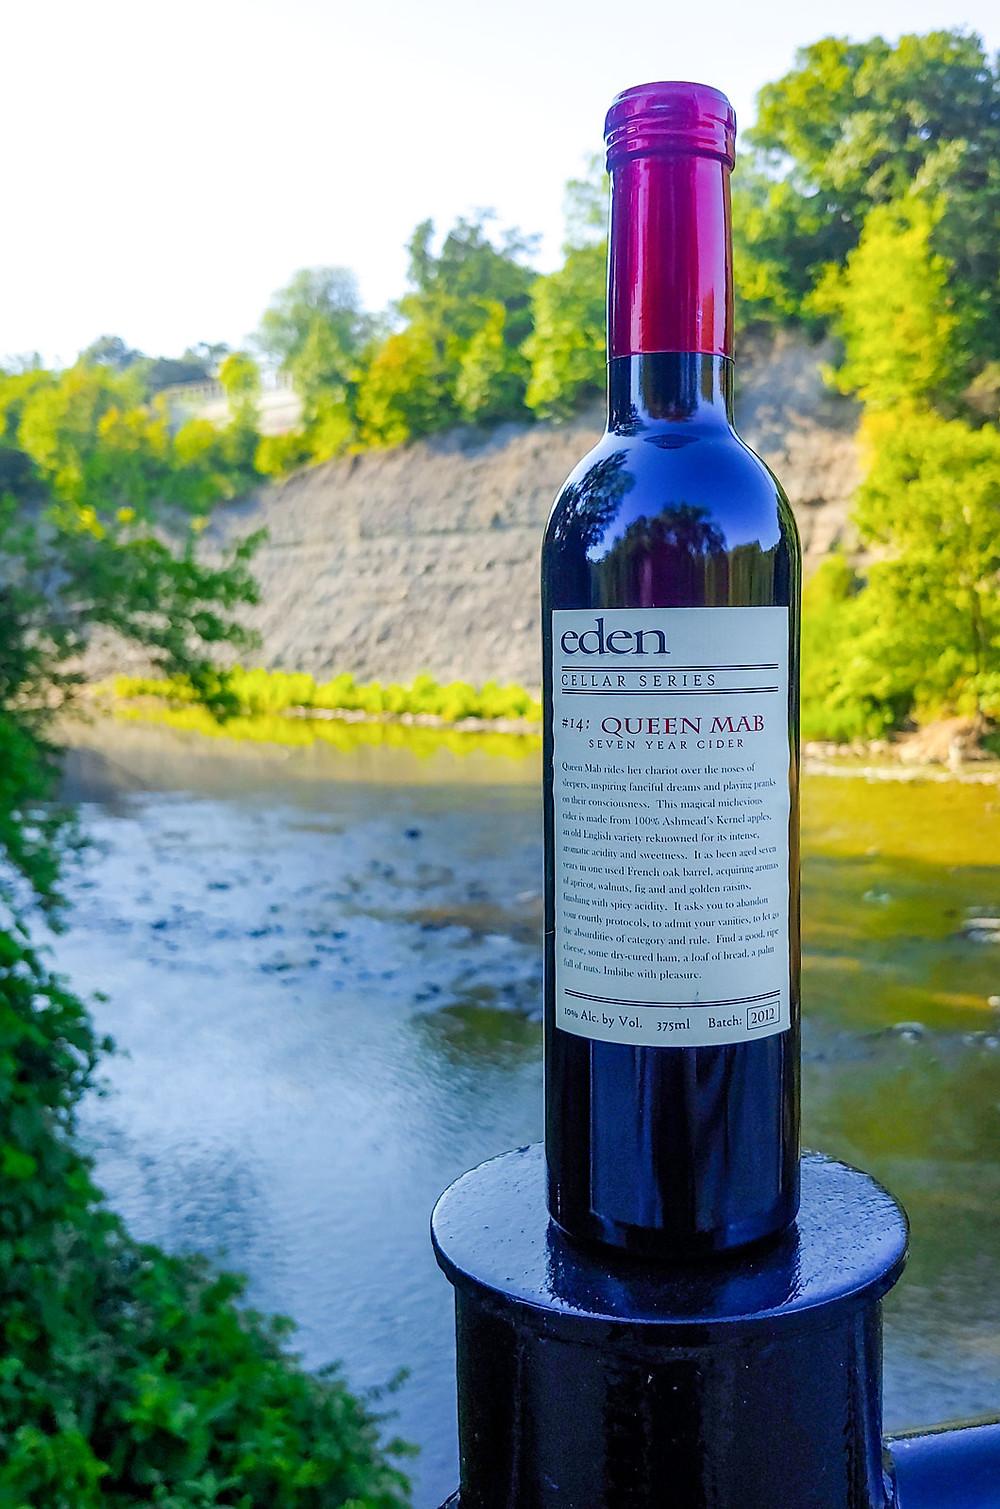 Eden Cider Queen Mab